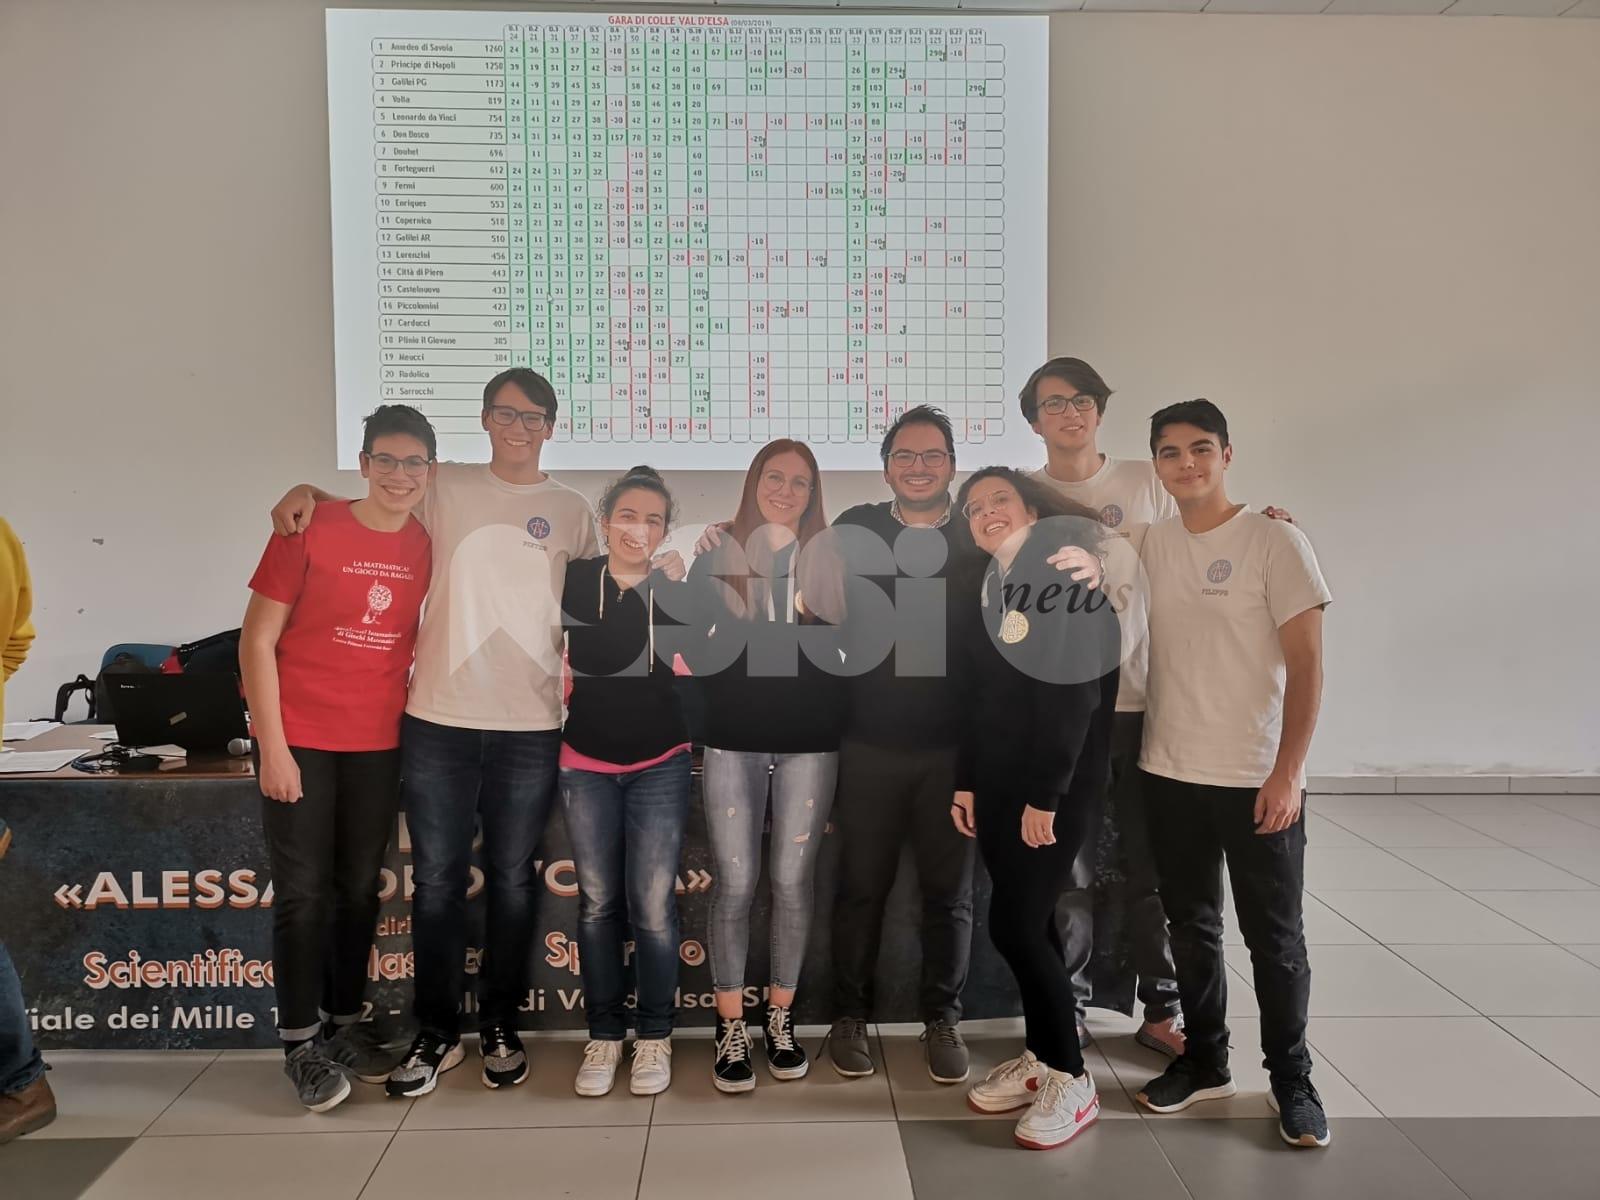 Il Liceo Scientifico di Assisi si qualifica per le finali della gara a squadre di matematica